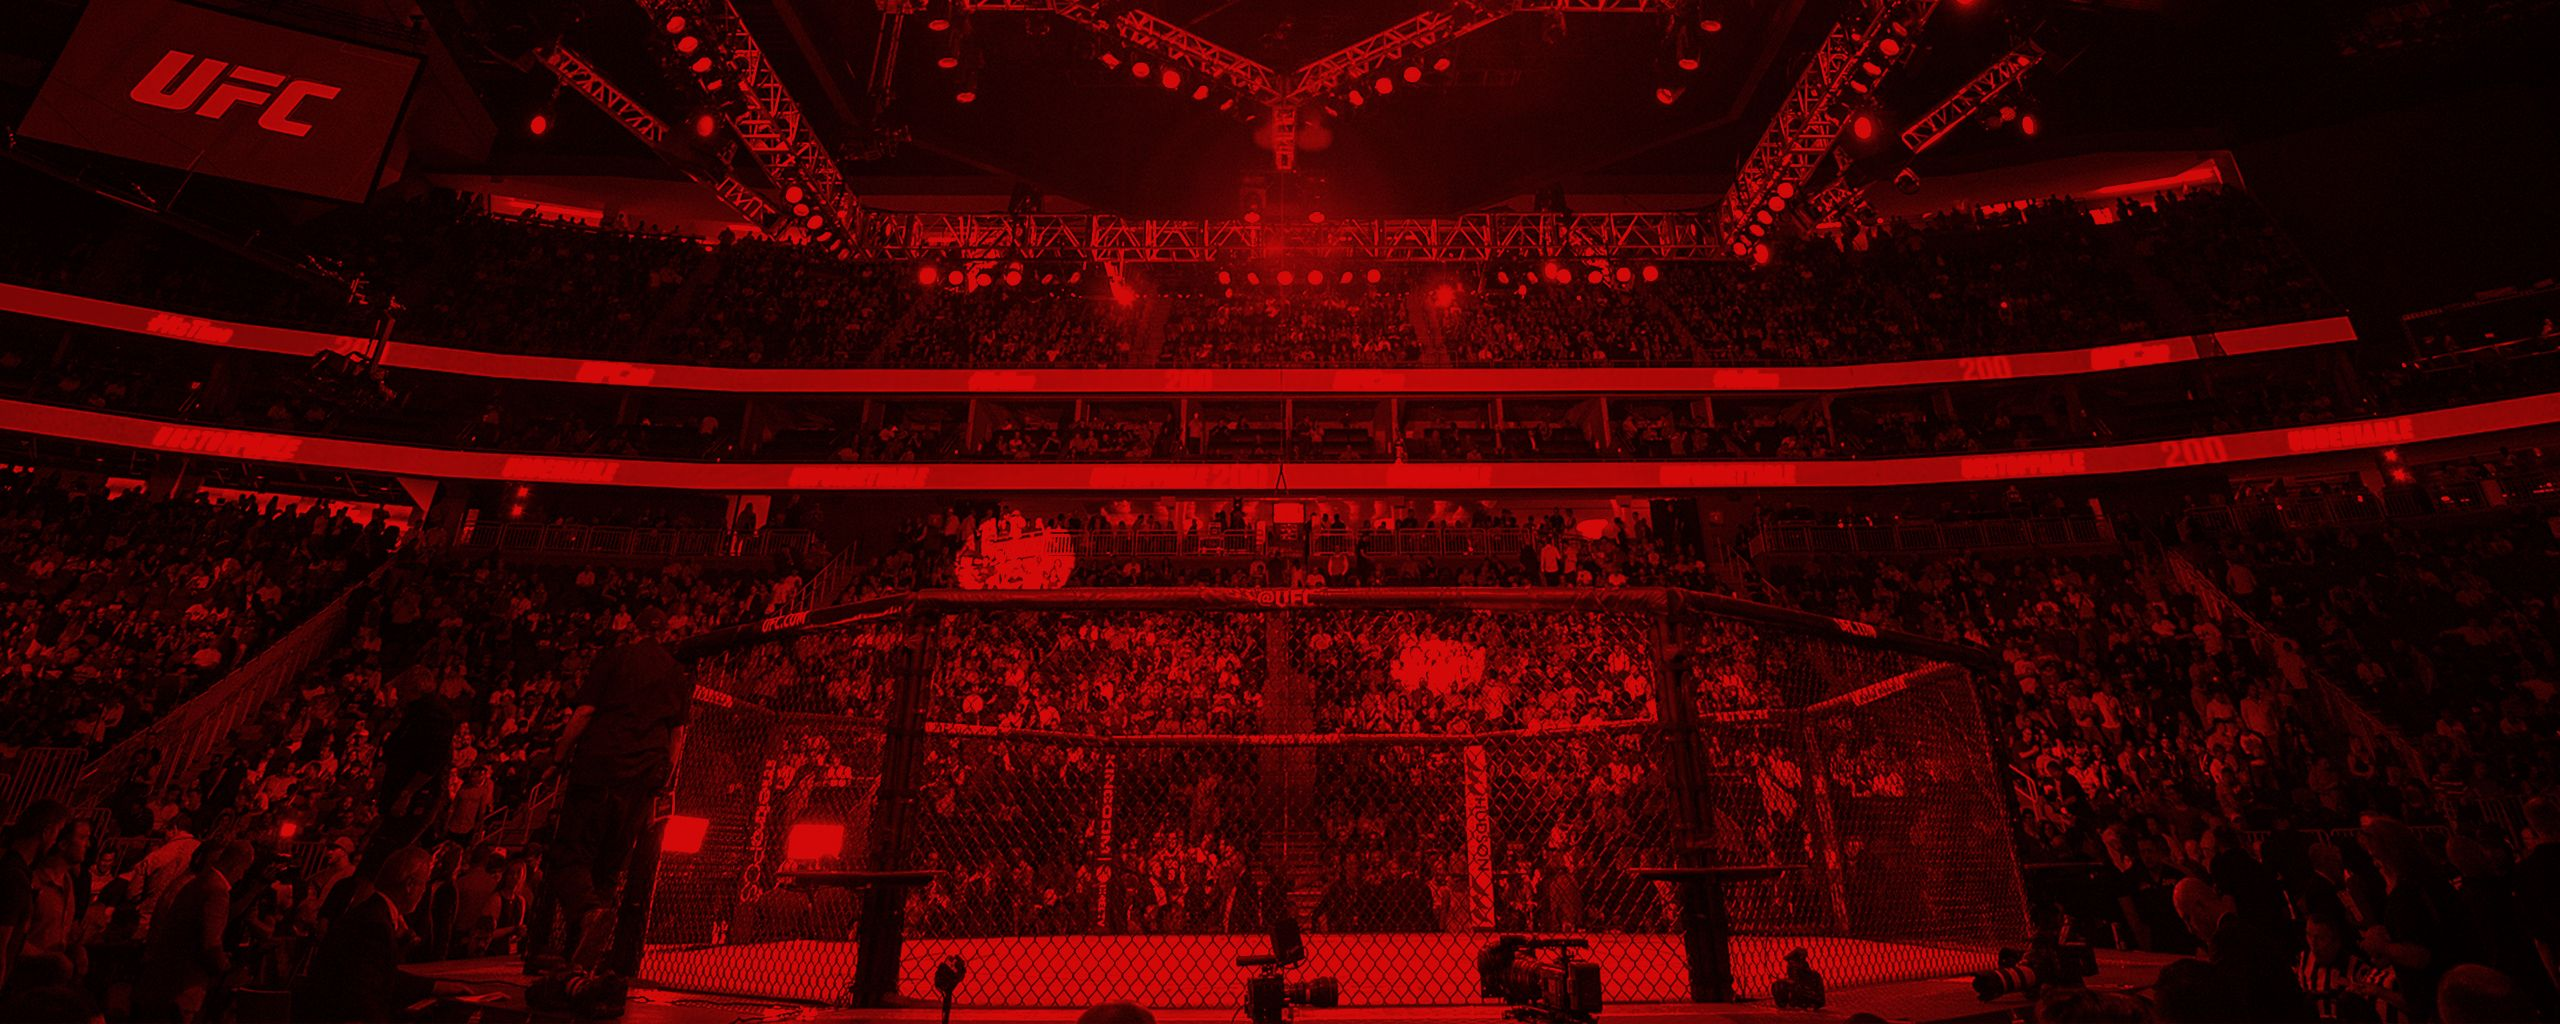 Best of UFC